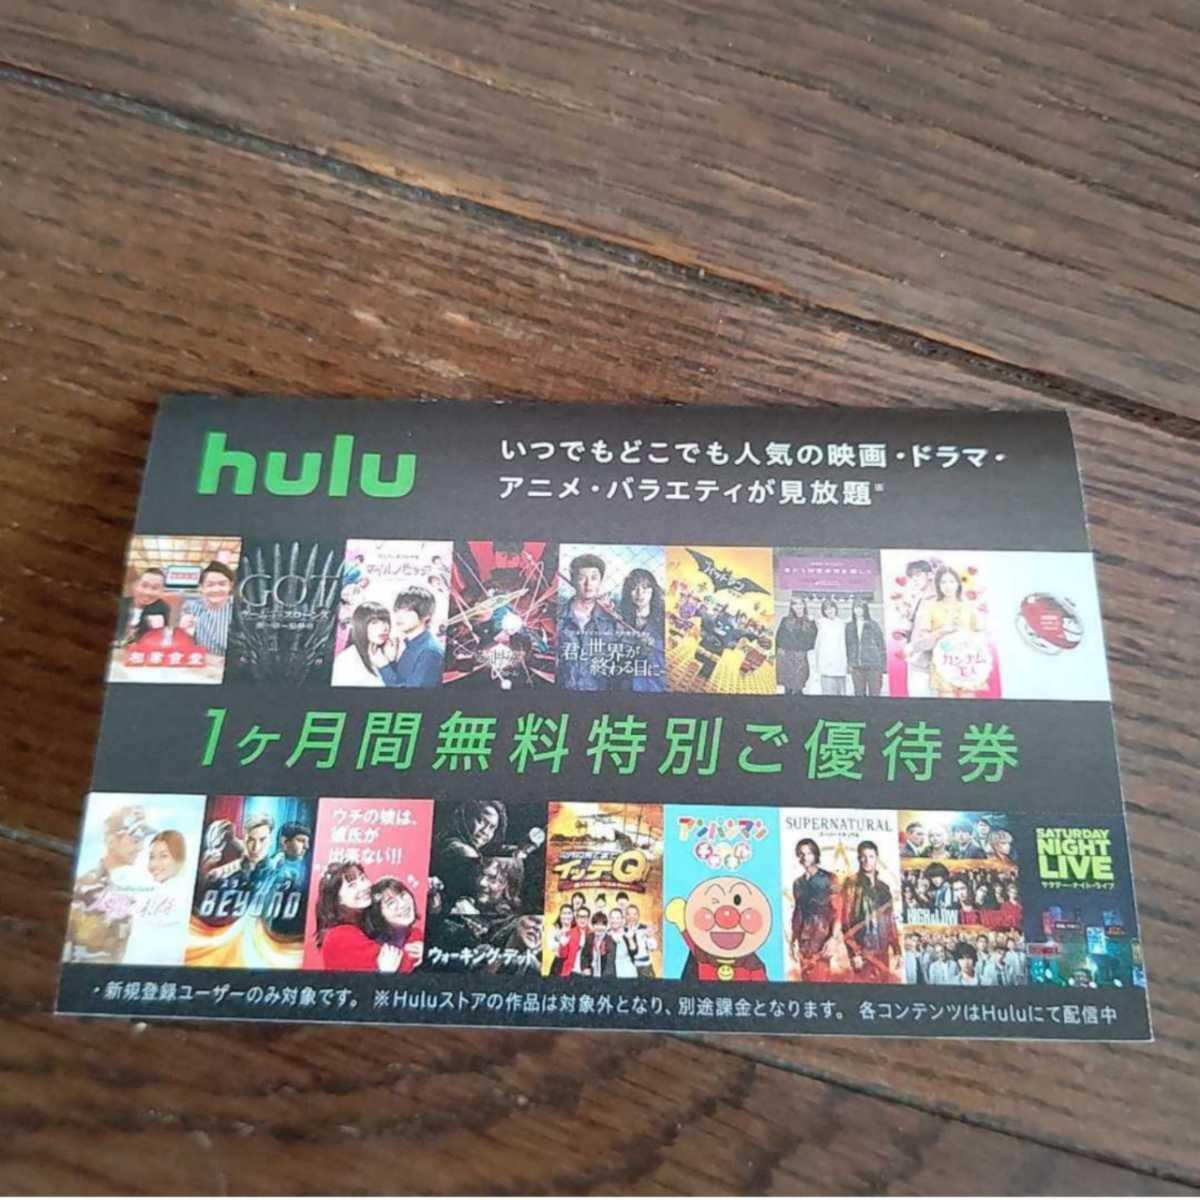 新品未使用 hulu フールー 新規登録ユーザー 1ヶ月無料特別ご招待券_画像1